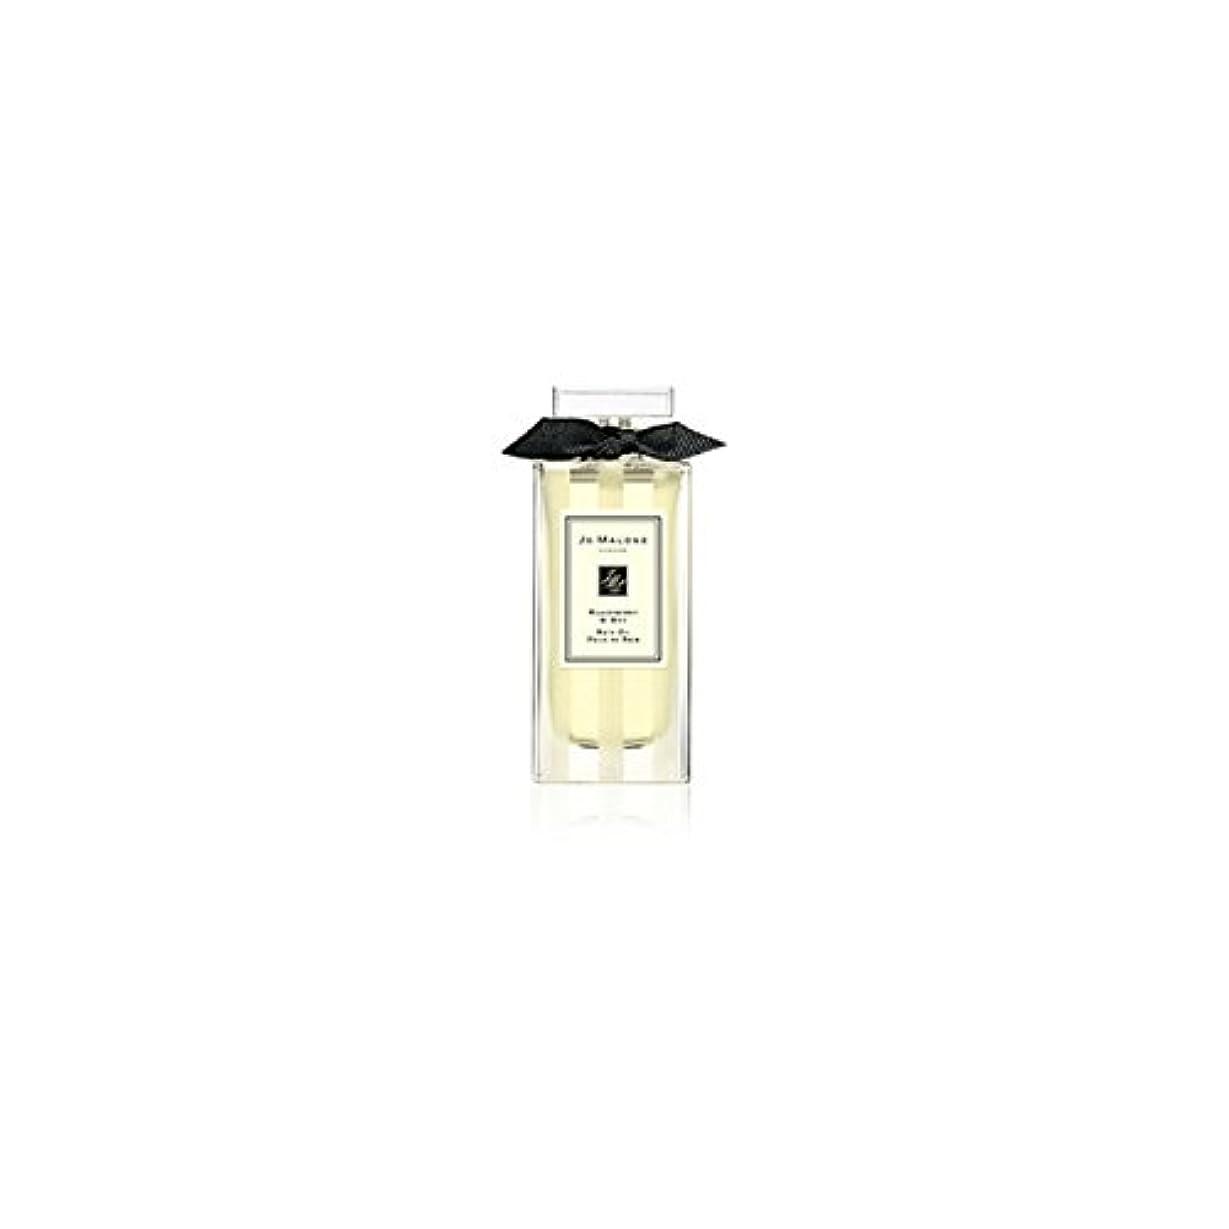 メーターの前でヒューズJo Malone Blackberry & Bay Bath Oil - 30ml (Pack of 2) - ジョーマローンブラックベリー&ベイバスオイル - 30ミリリットル (x2) [並行輸入品]